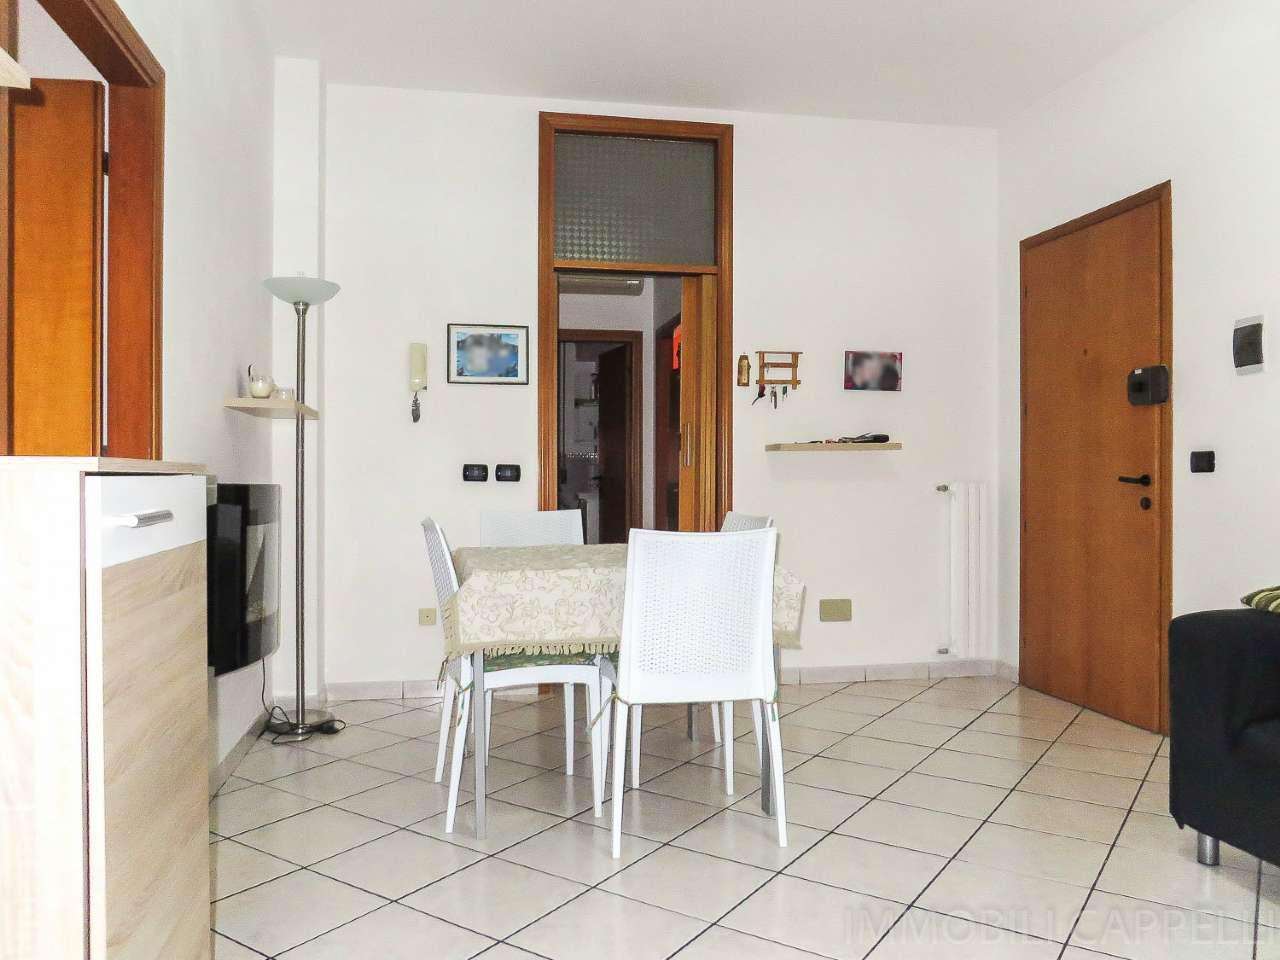 Appartamento in vendita a Forlimpopoli, 6 locali, prezzo € 135.000 | CambioCasa.it